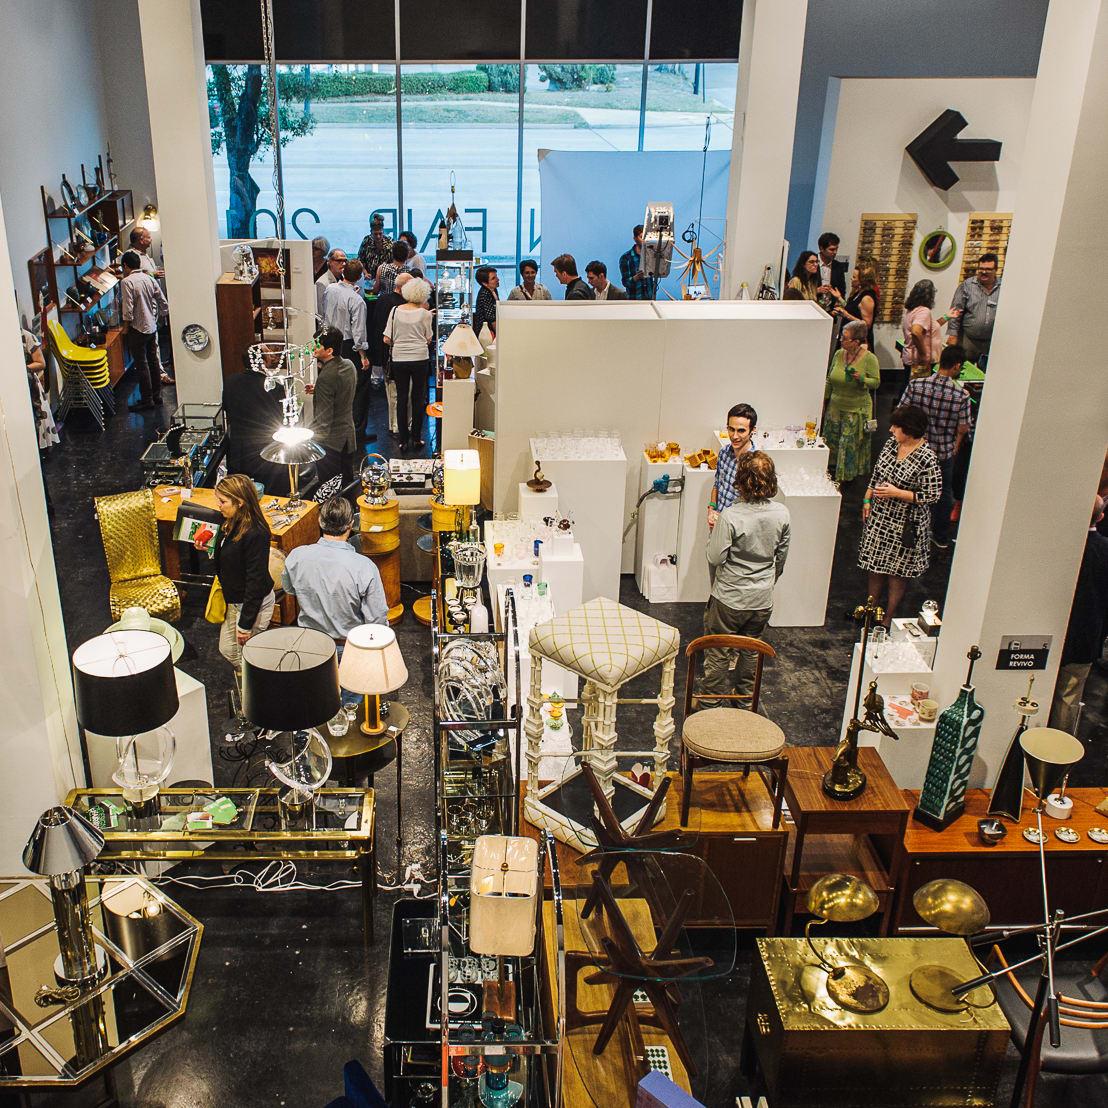 2 Houston Design Fair kick-off party April 2013 crowd venue